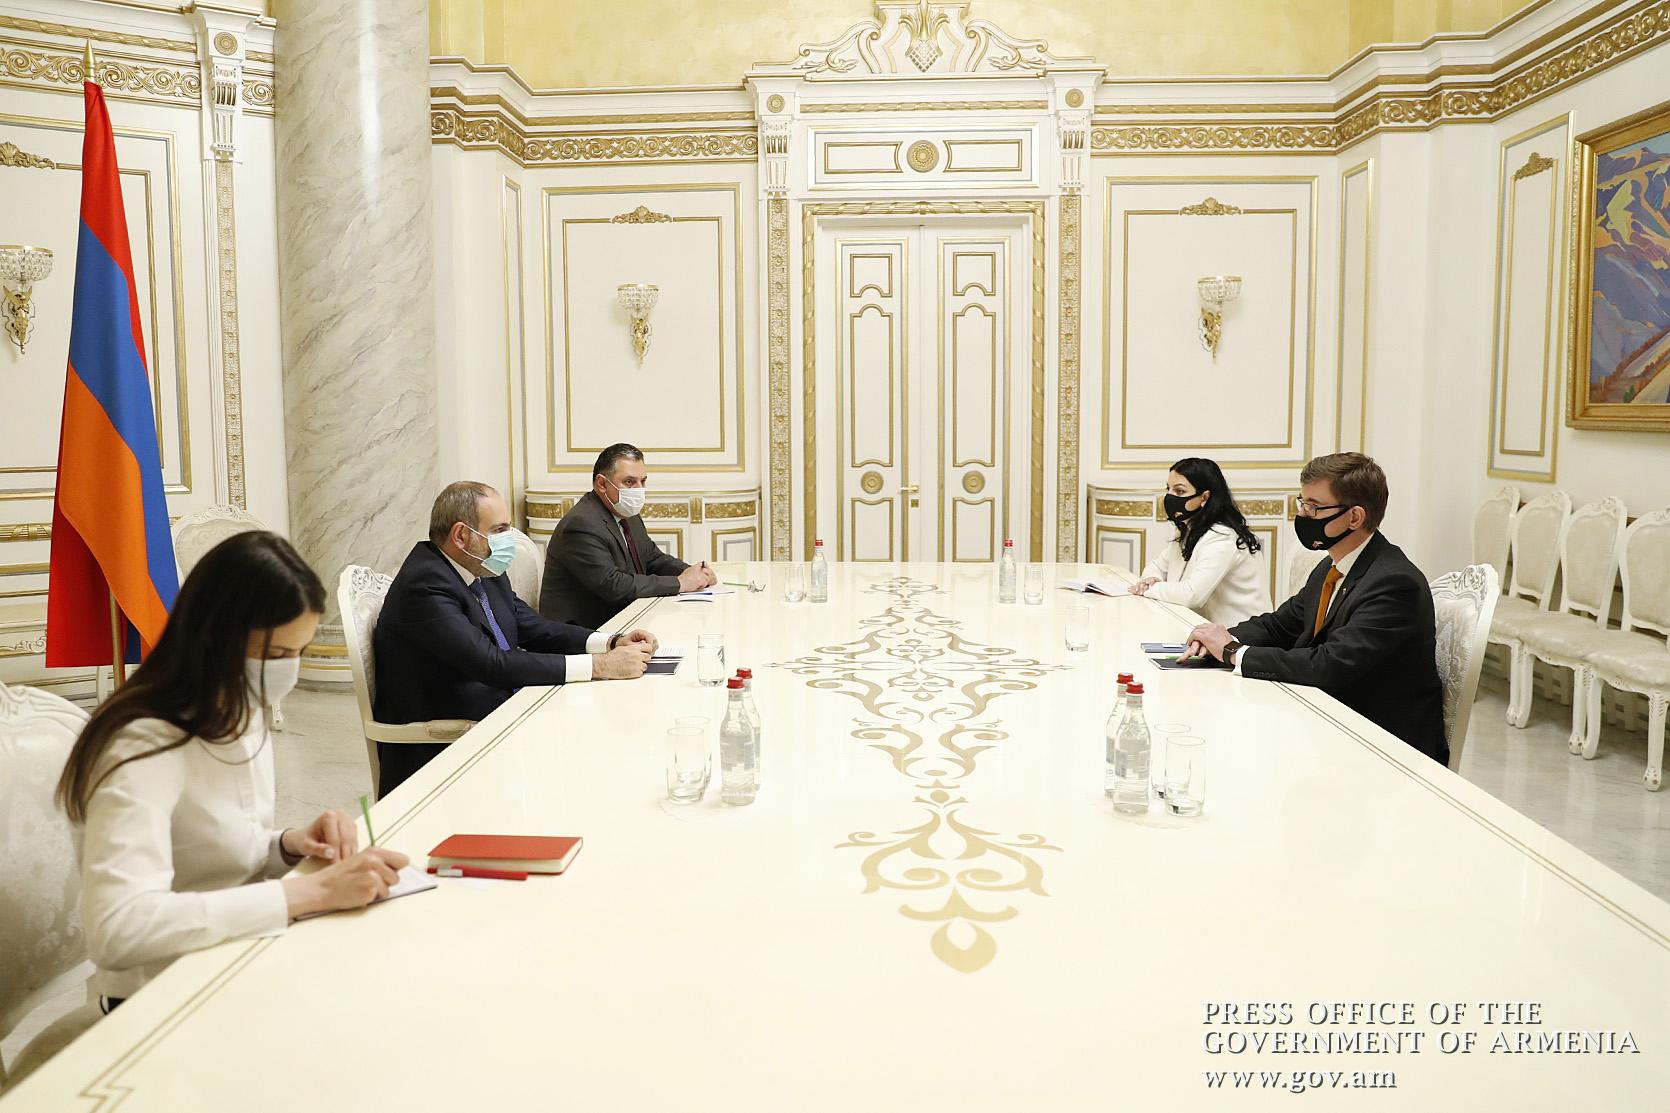 Photo of Վարչապետը և Նիդերլանդների դեսպանը քննարկել են երկկողմ կապերի զարգացման օրակարգը